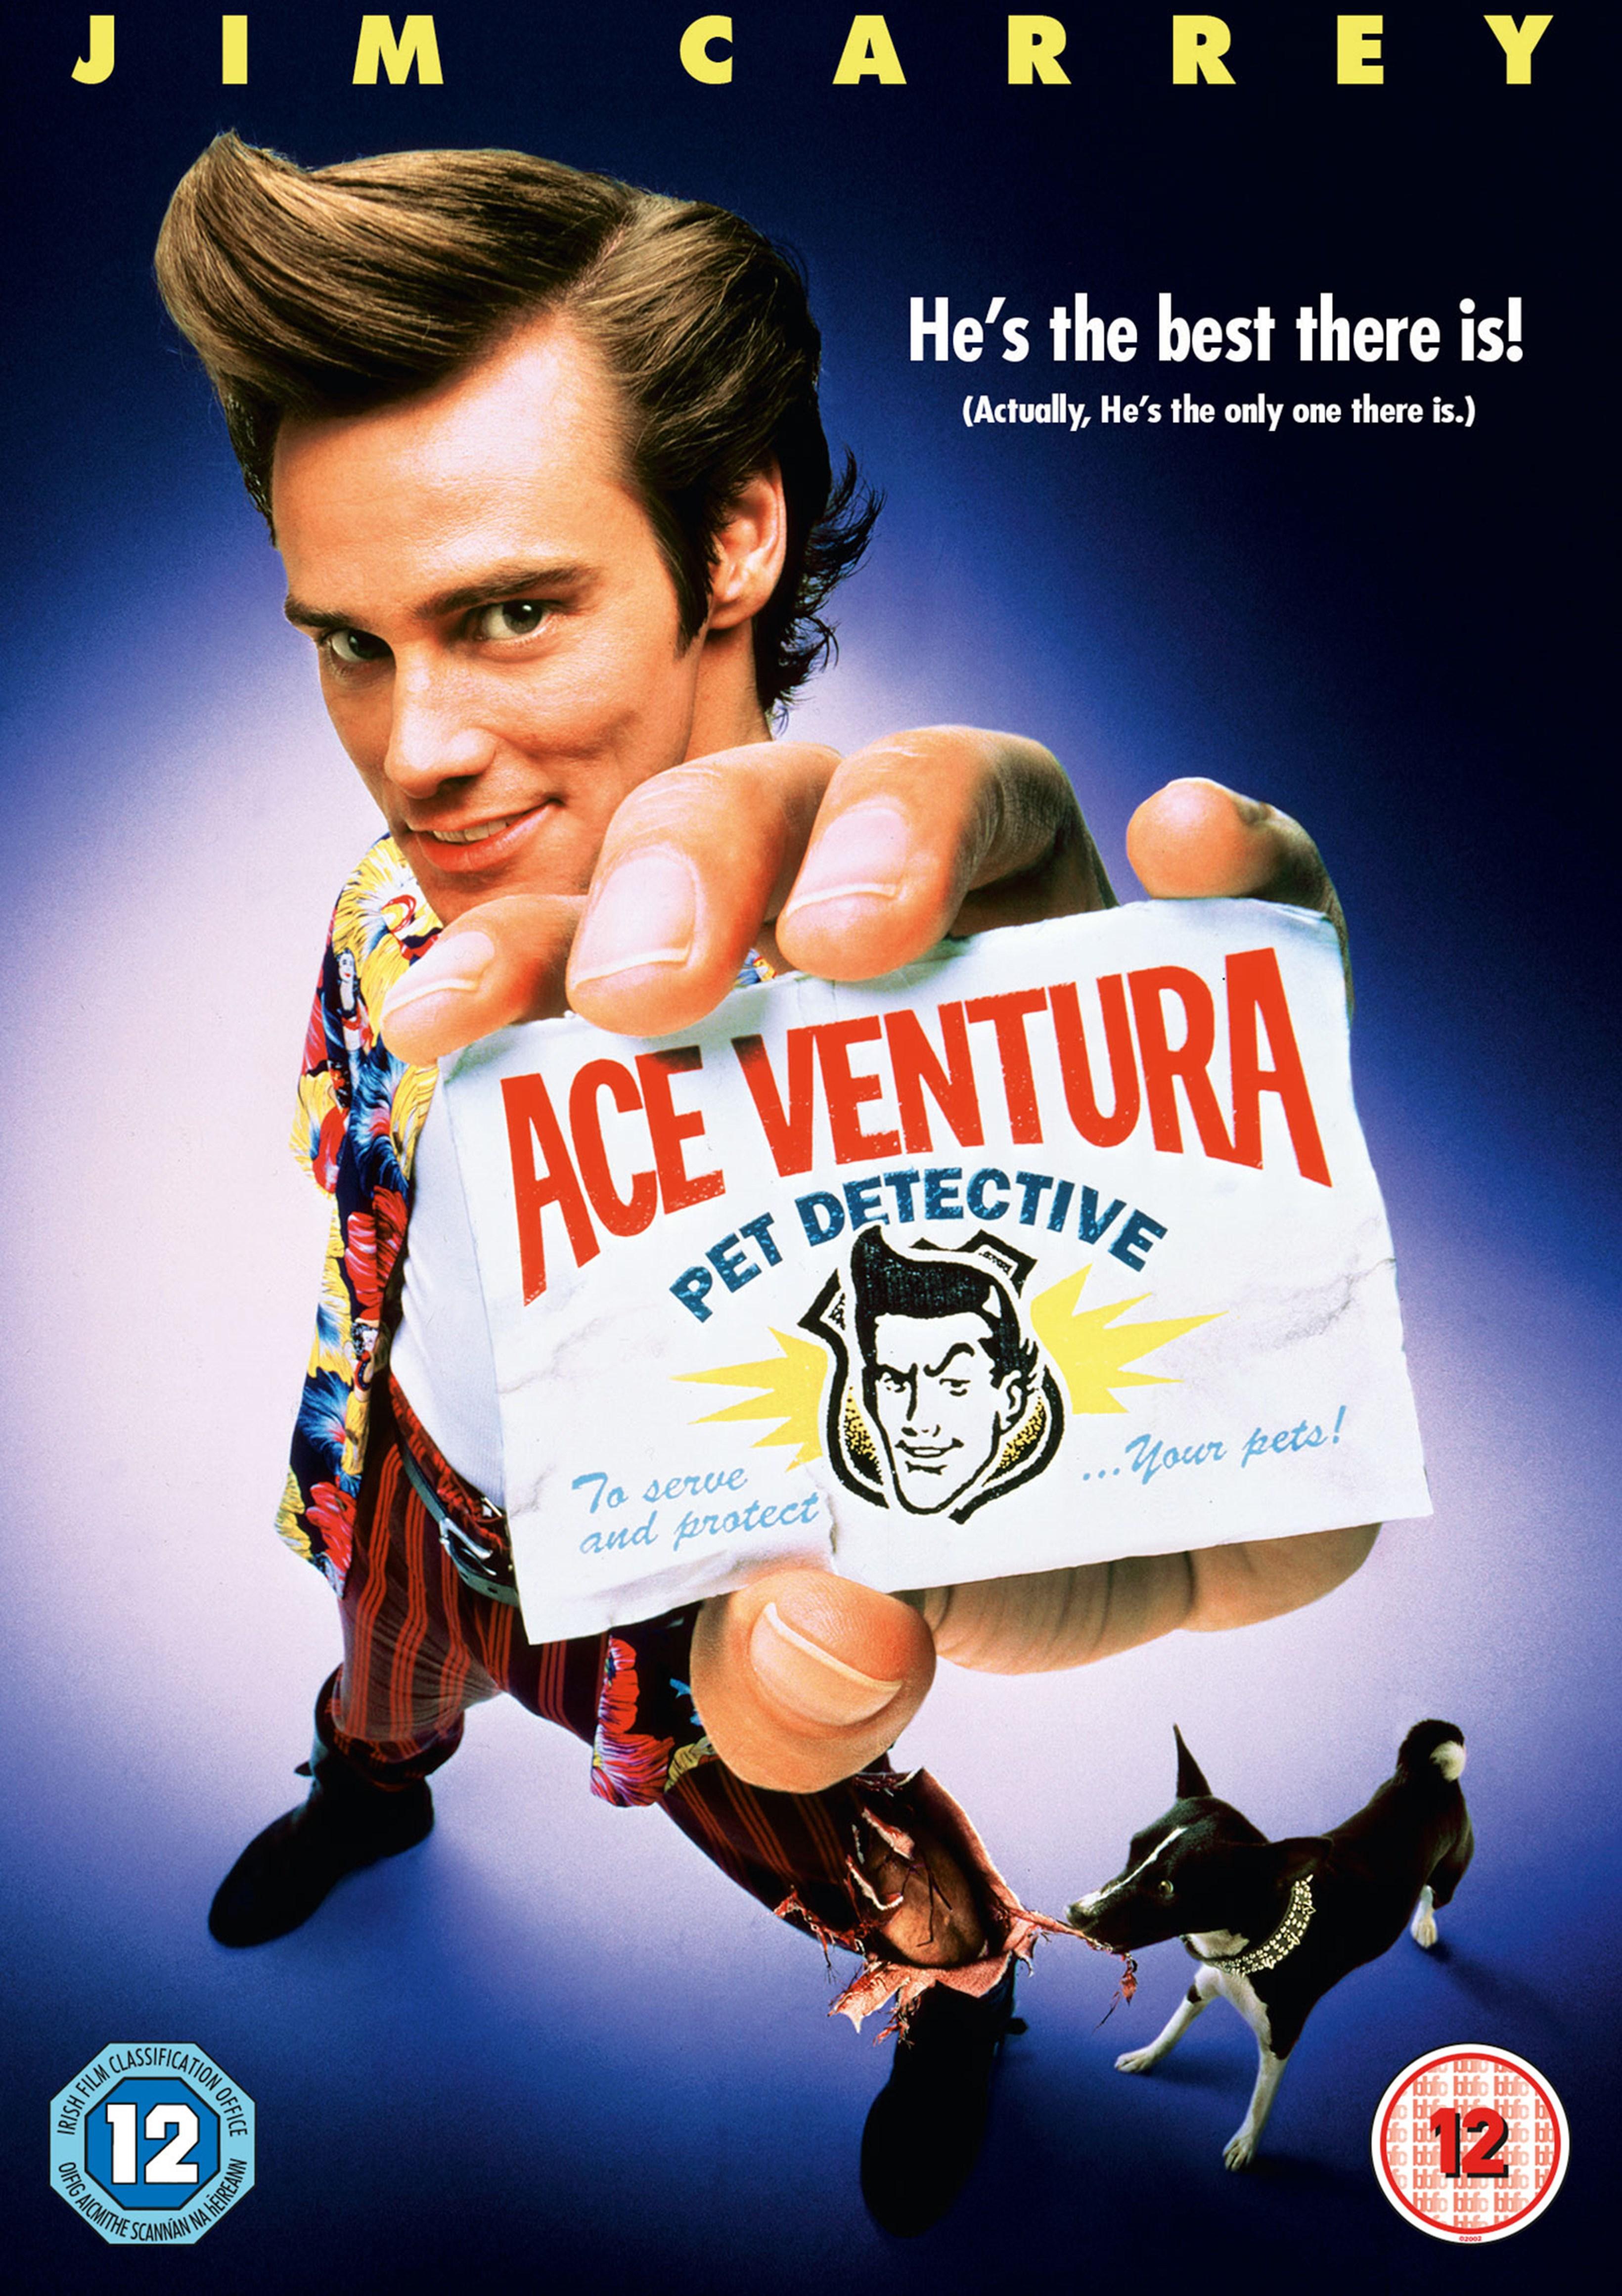 Ace Ventura: Pet Detective - 1